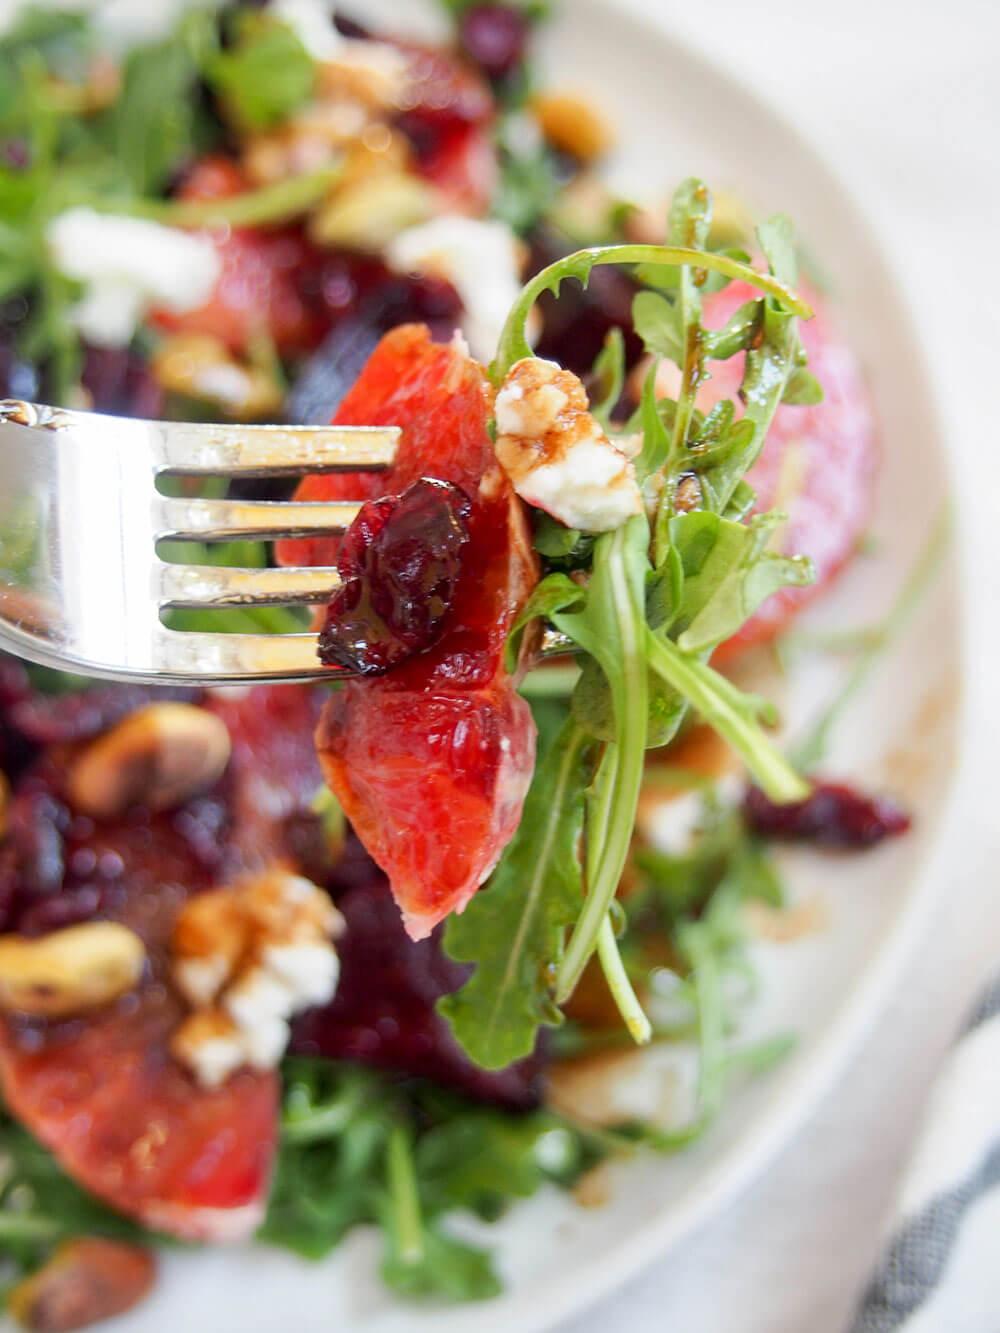 forkful of Beet and blood orange salad